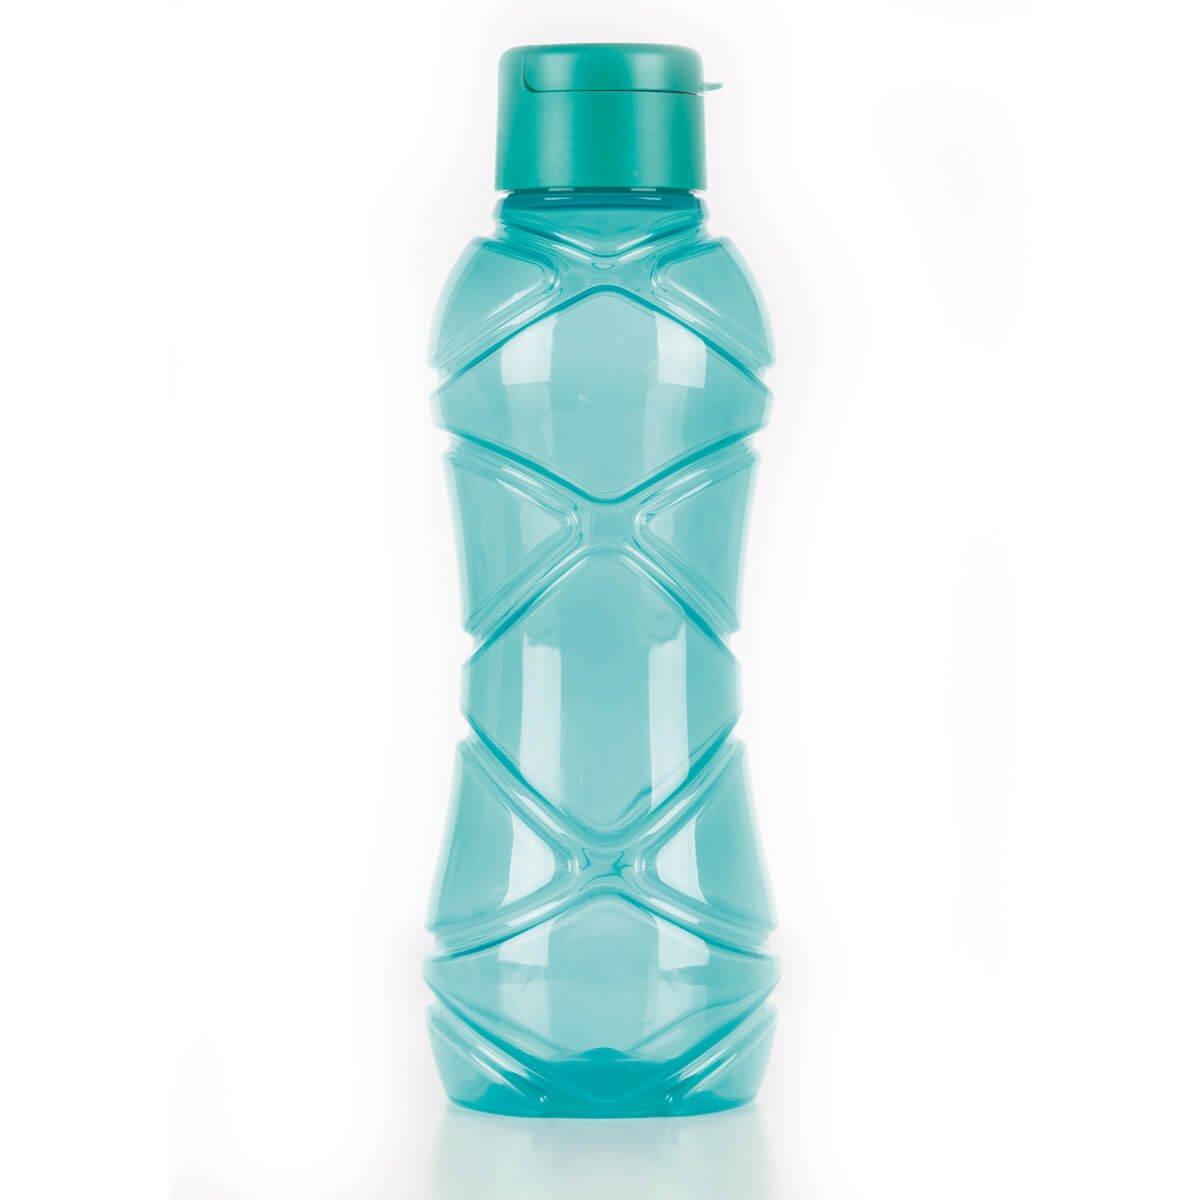 termo personals Botella térmica o termo de acero inoxidable para transportar los líquidos calientes hasta 6 h y mantener el frío hasta 24 h ¡material libre de tóxicos.